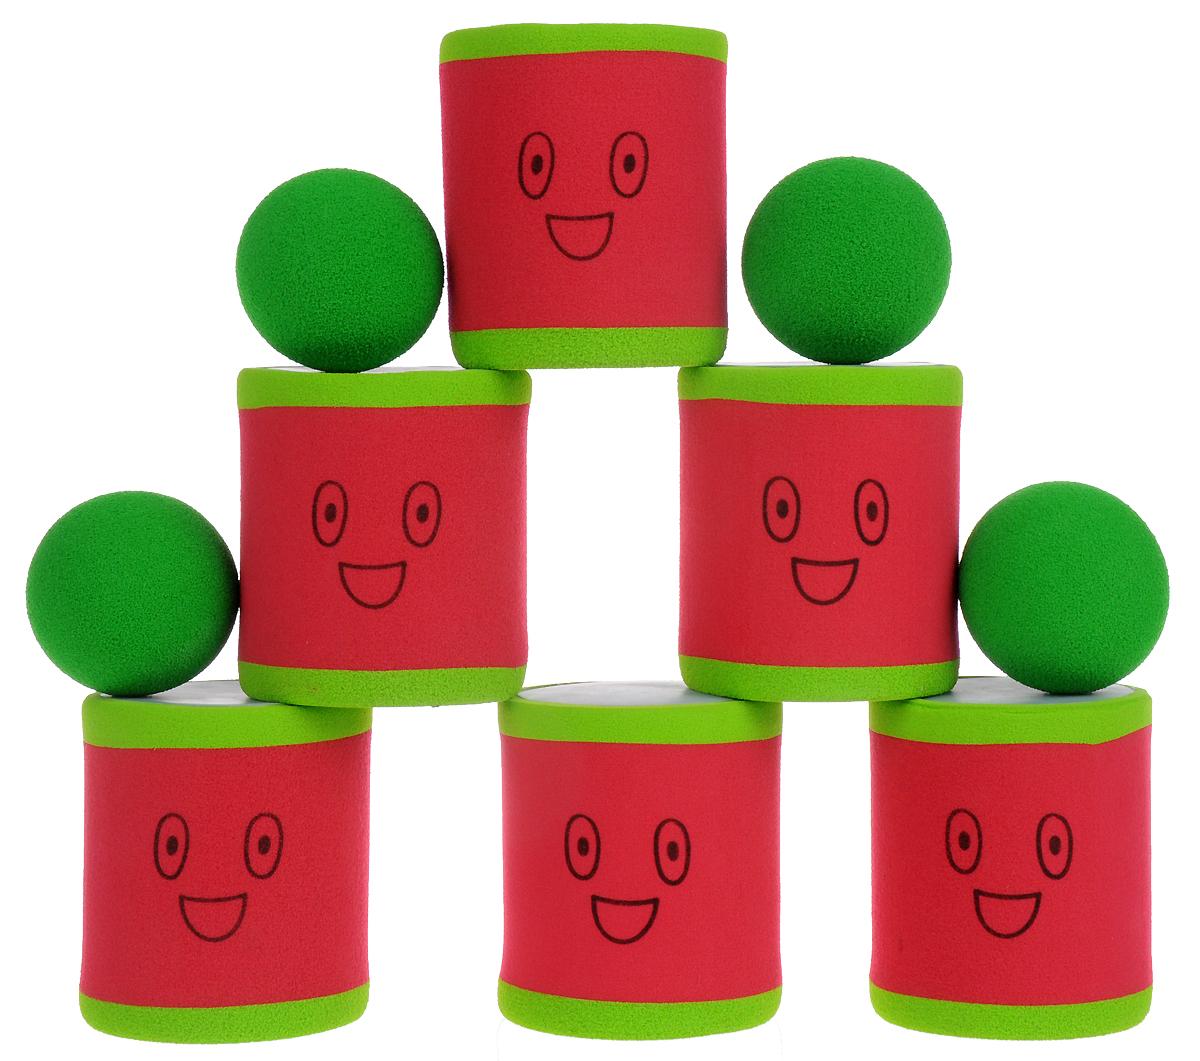 Safsof Игровой набор Городки цвет красный зеленый городки